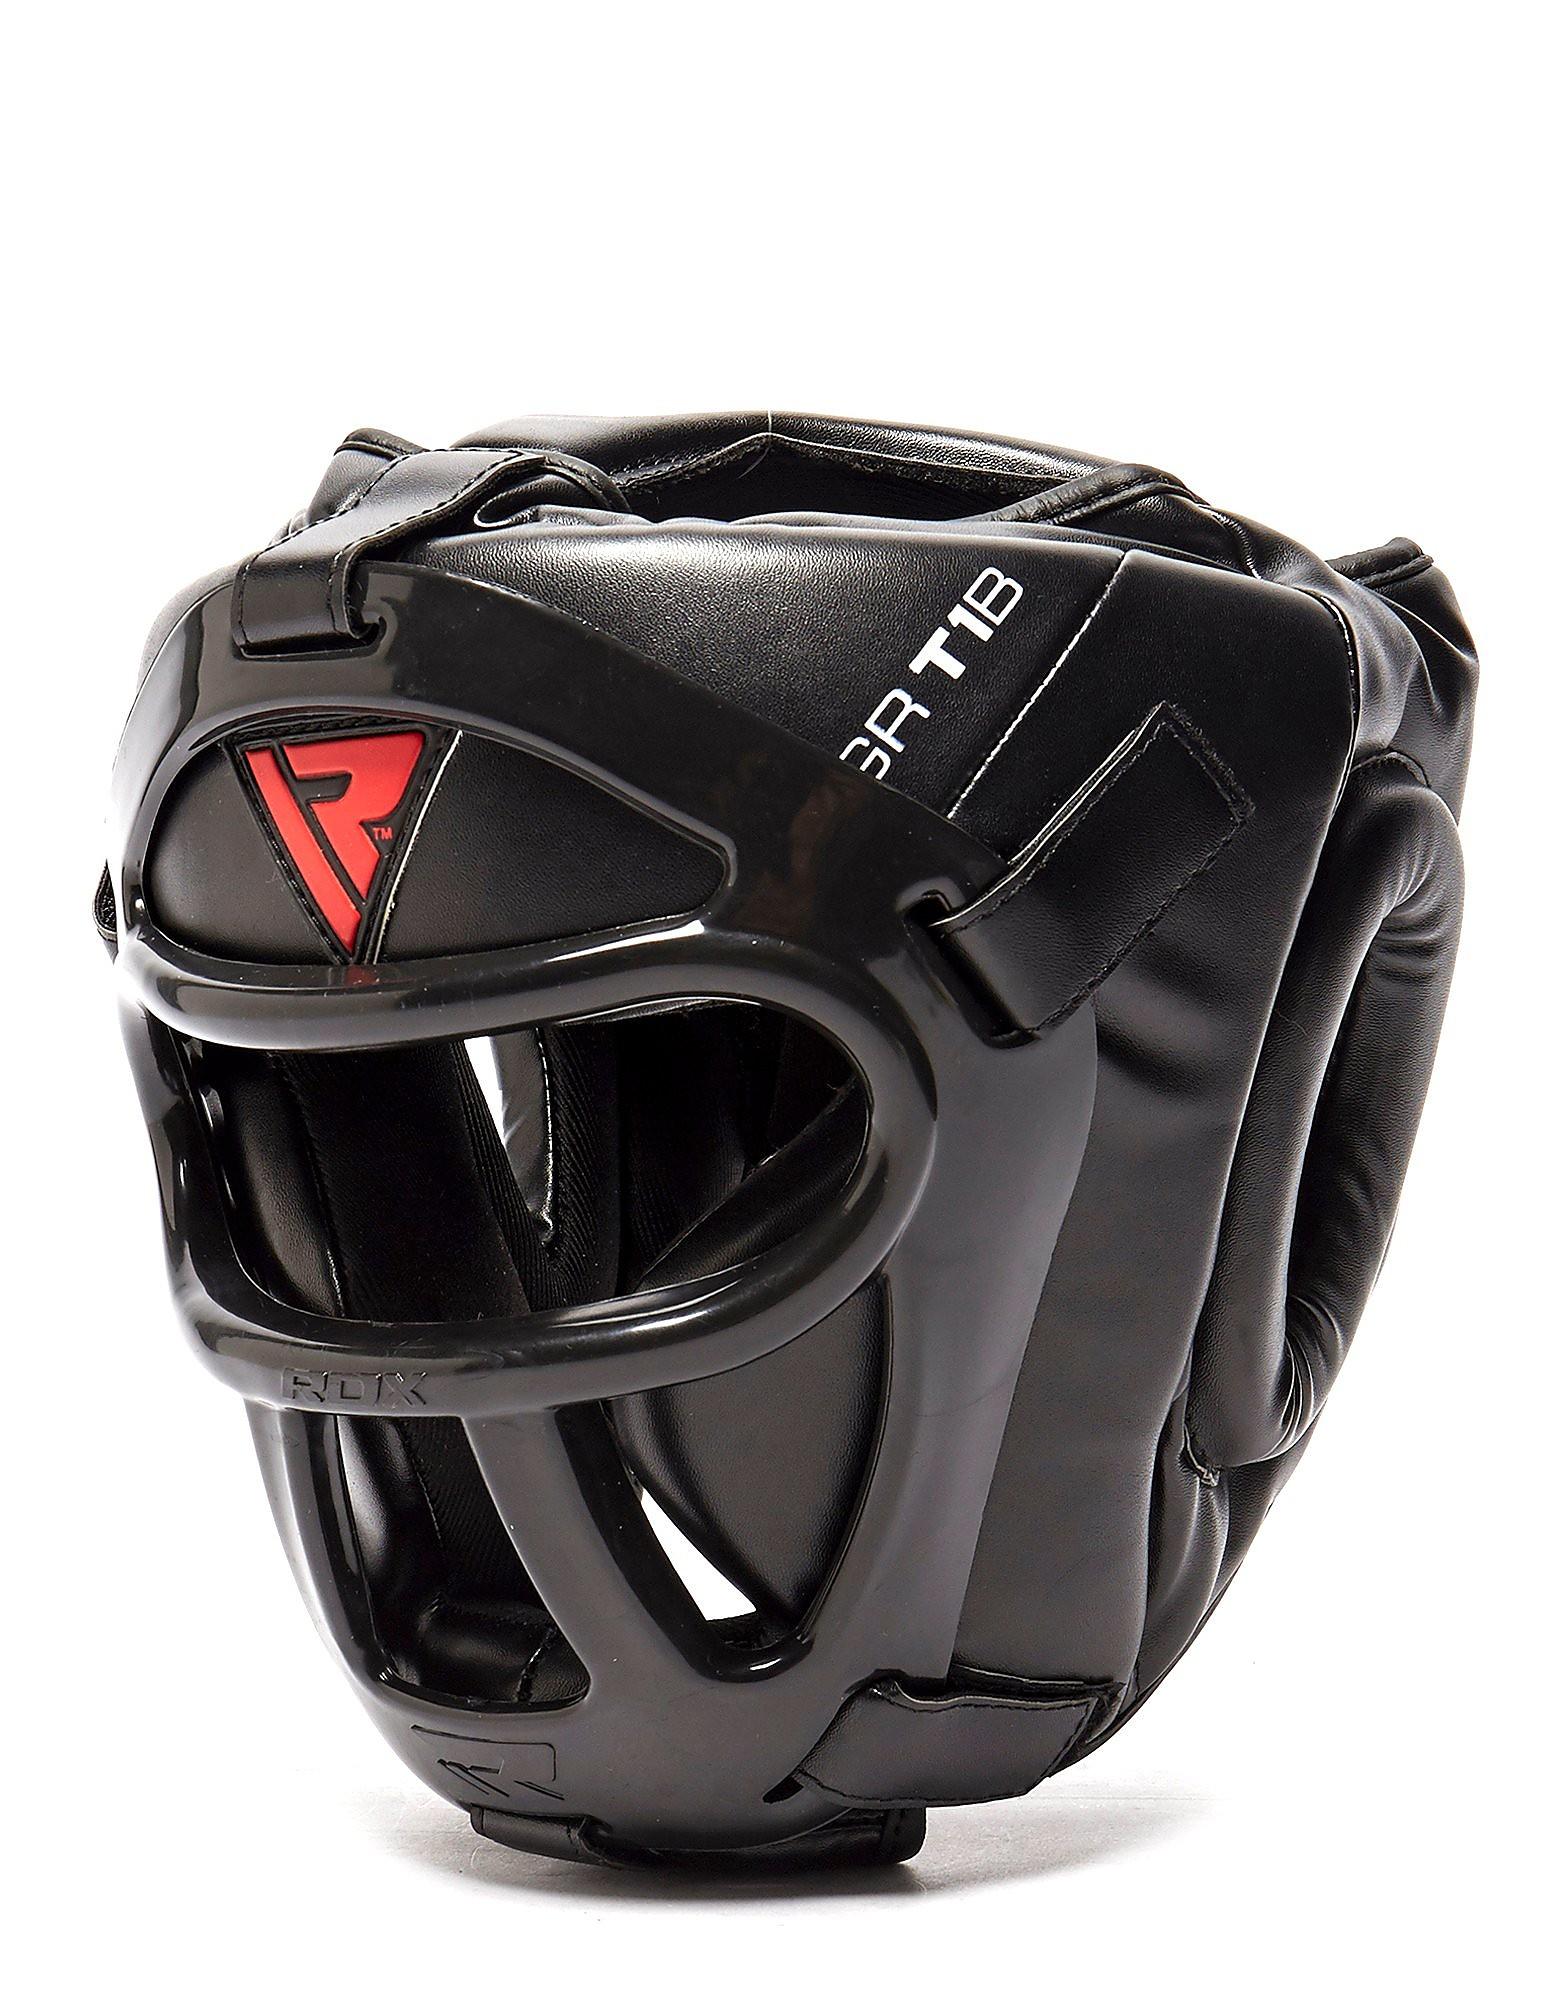 RDX INC HGX T1 Boxing Head Guard